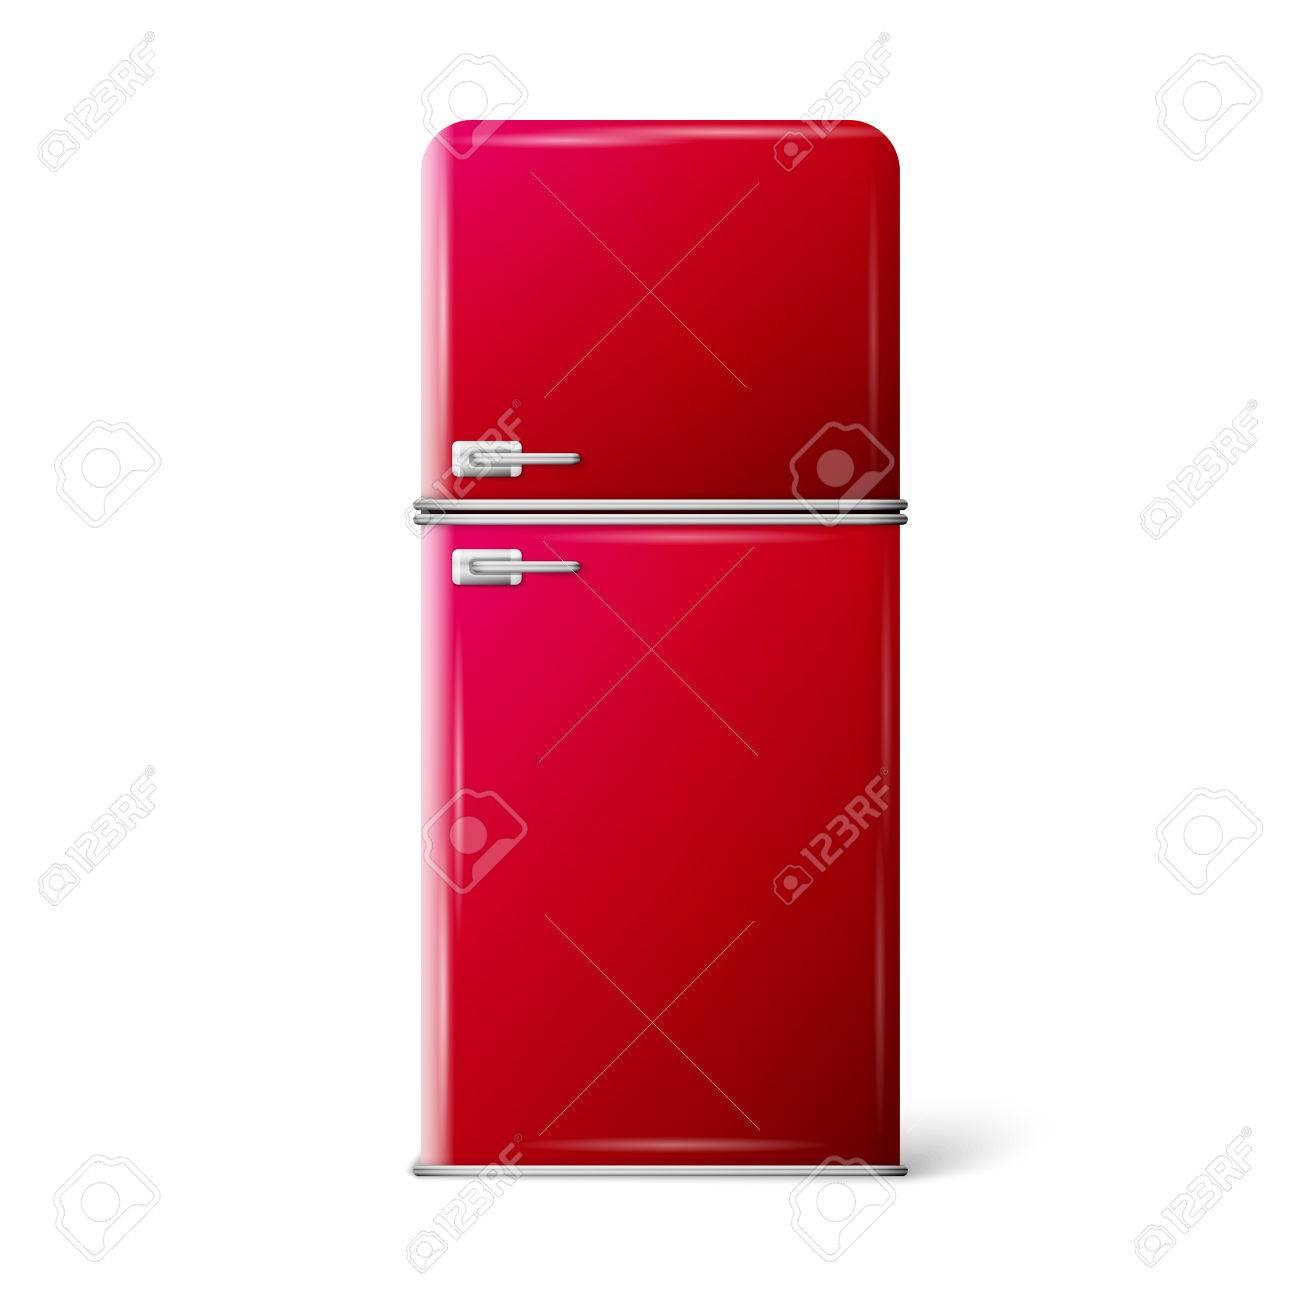 Retro Frigo Frigorifero In Colore Rosso Retr Elettrodomestici